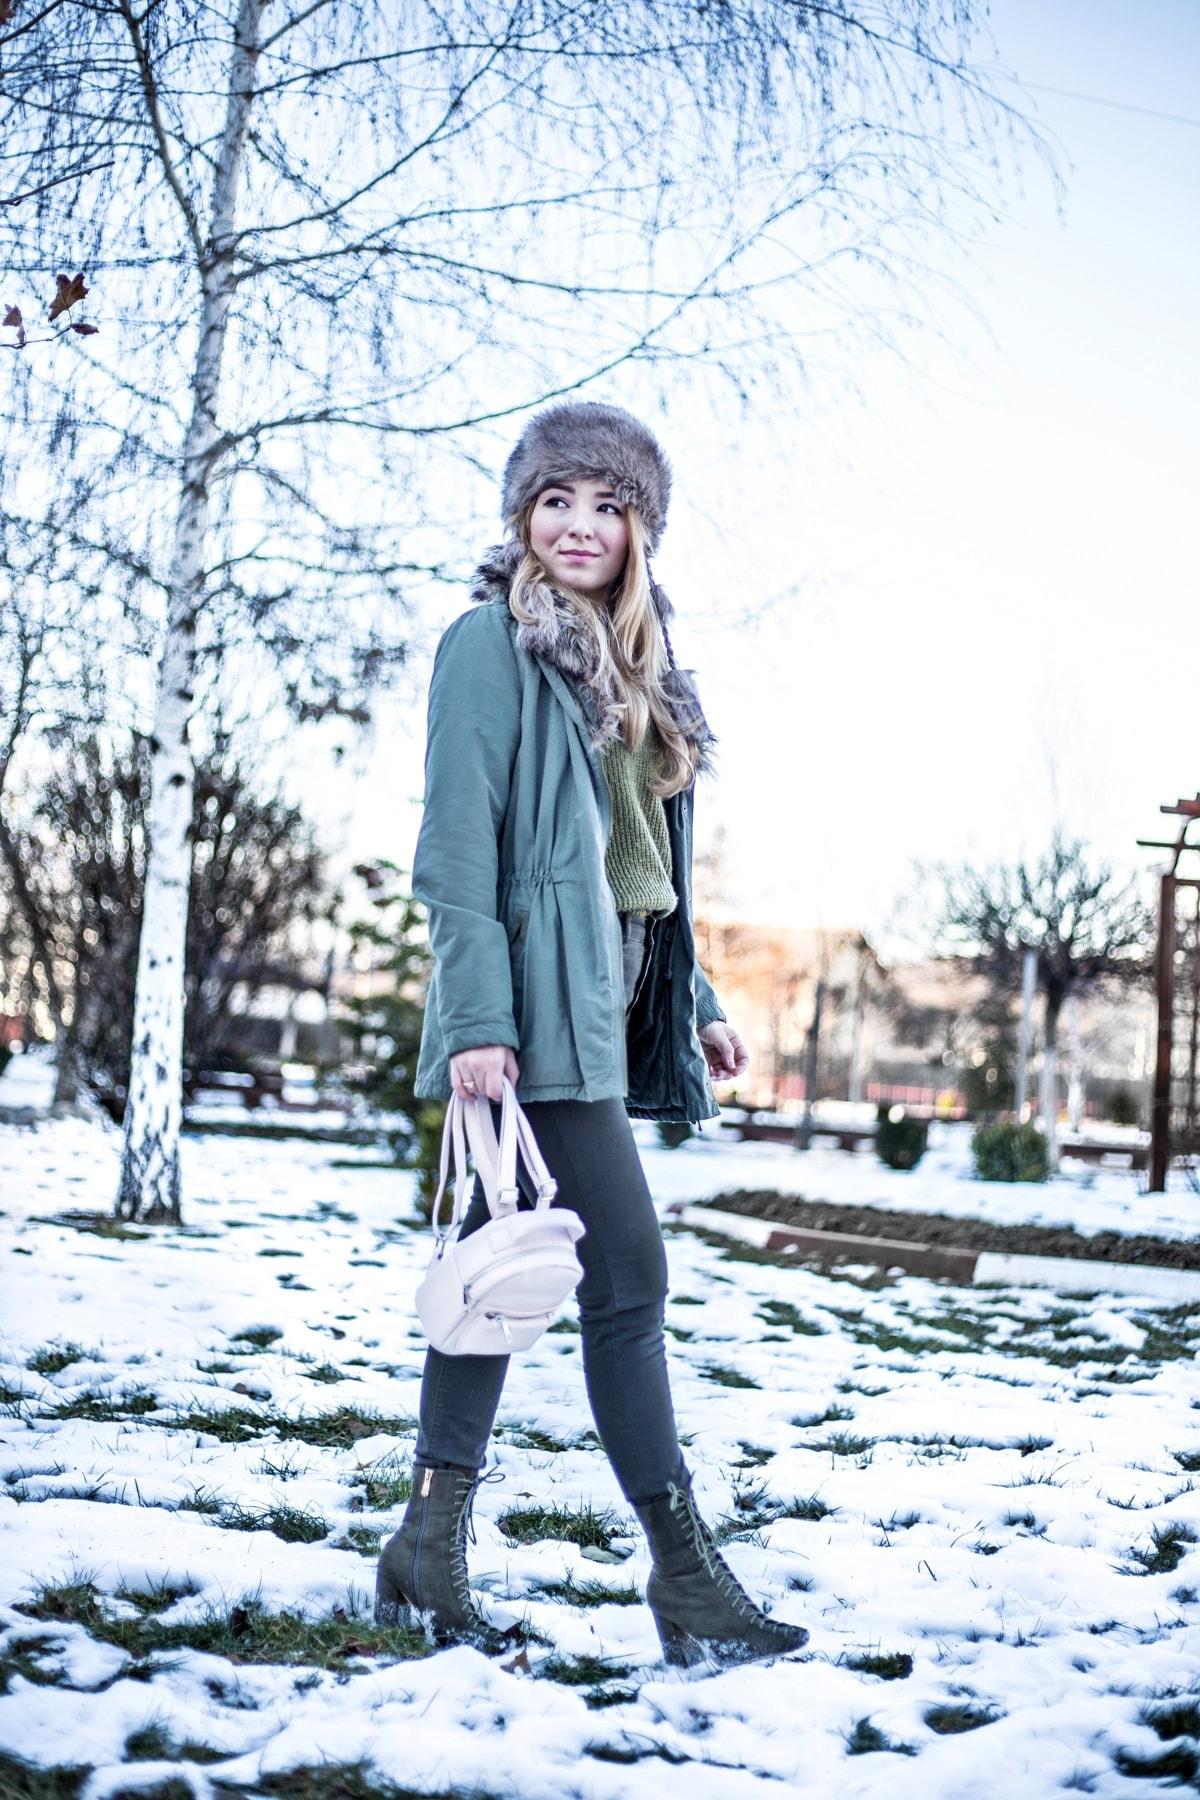 Andreea Ristea, tinuta de iarna, cum purtam mini rucsacul, idei tinute, Ghiozdan roz Bershka